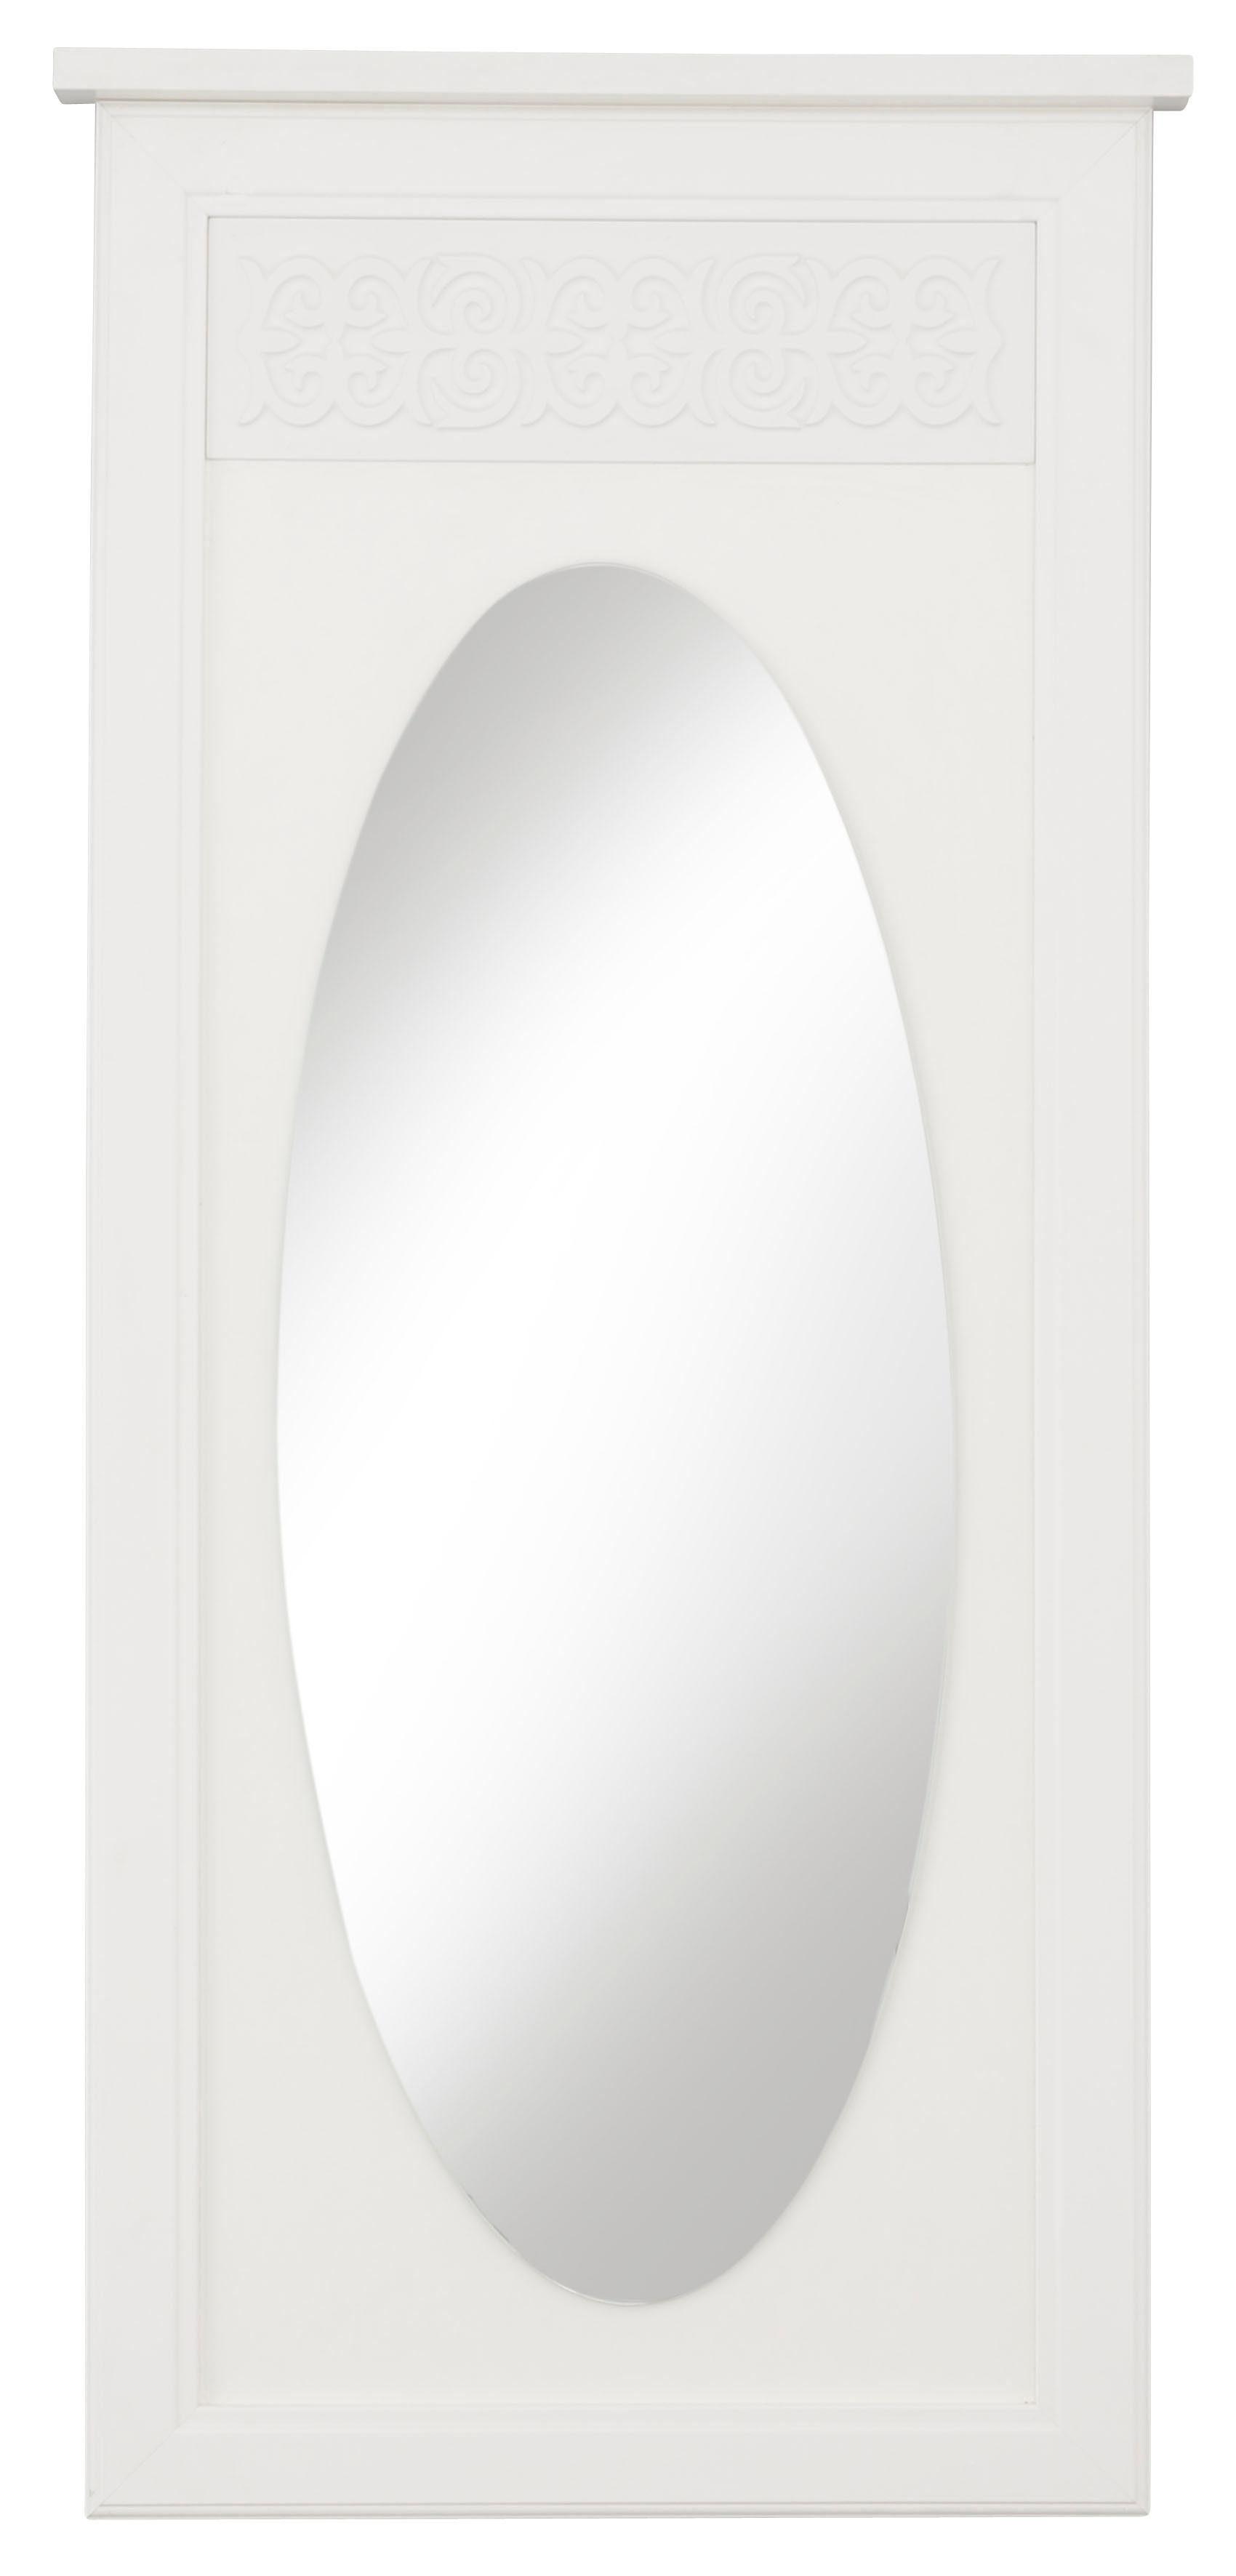 Home affaire Spiegel »Lucy« mit ovalförmiger Spiegelfläche